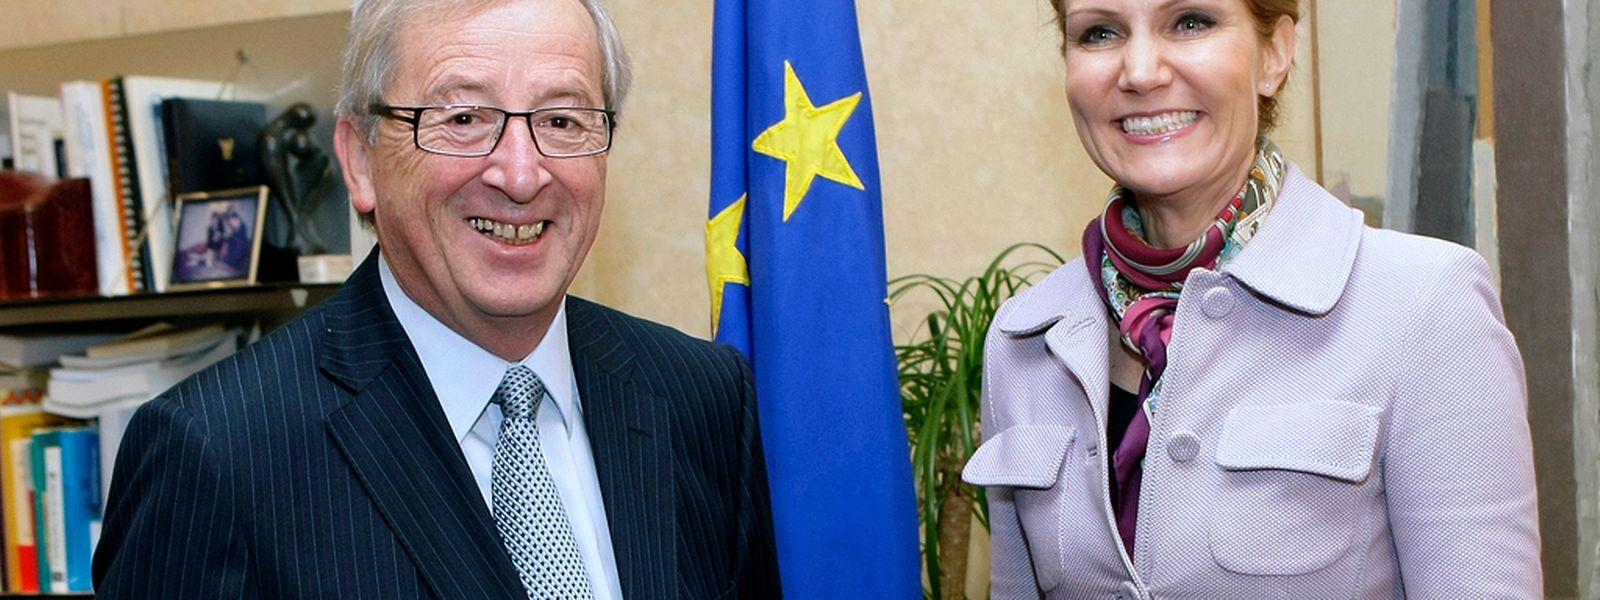 Sieht so das kommende Spitzenduo in der EU aus? Jean-Claude Juncker und Helle Thorning-Schmidt bei einem Staatsbesuch der dänischen Ministerpräsidentin in Luxemburg im Jahre 2011.